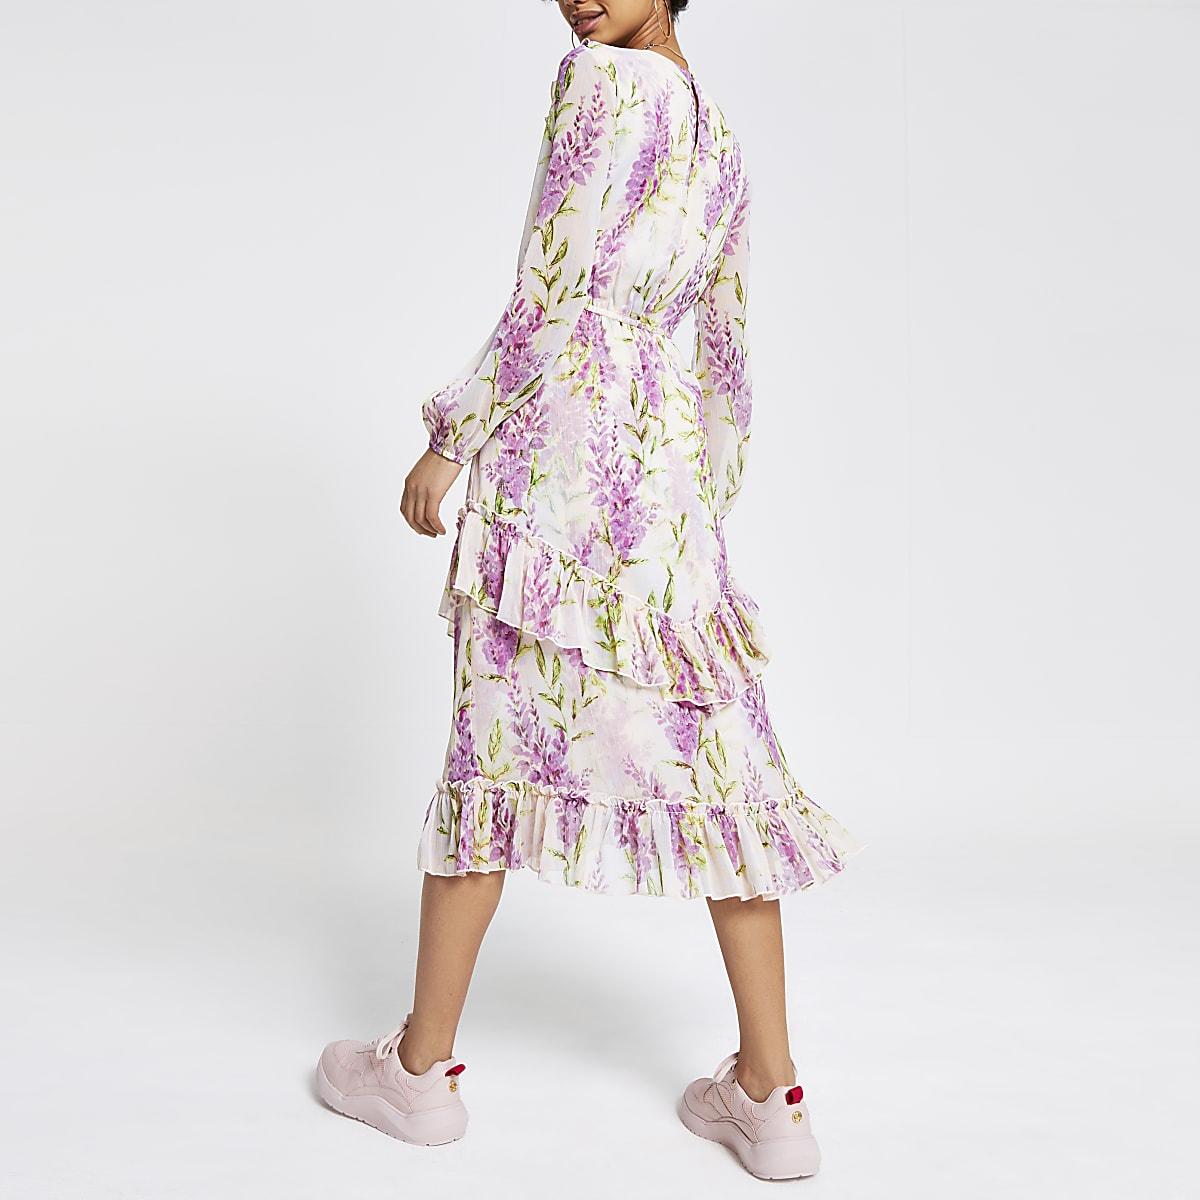 f9cf2dcdbdd33 Purple floral frill maxi dress - Maxi Dresses - Dresses - women